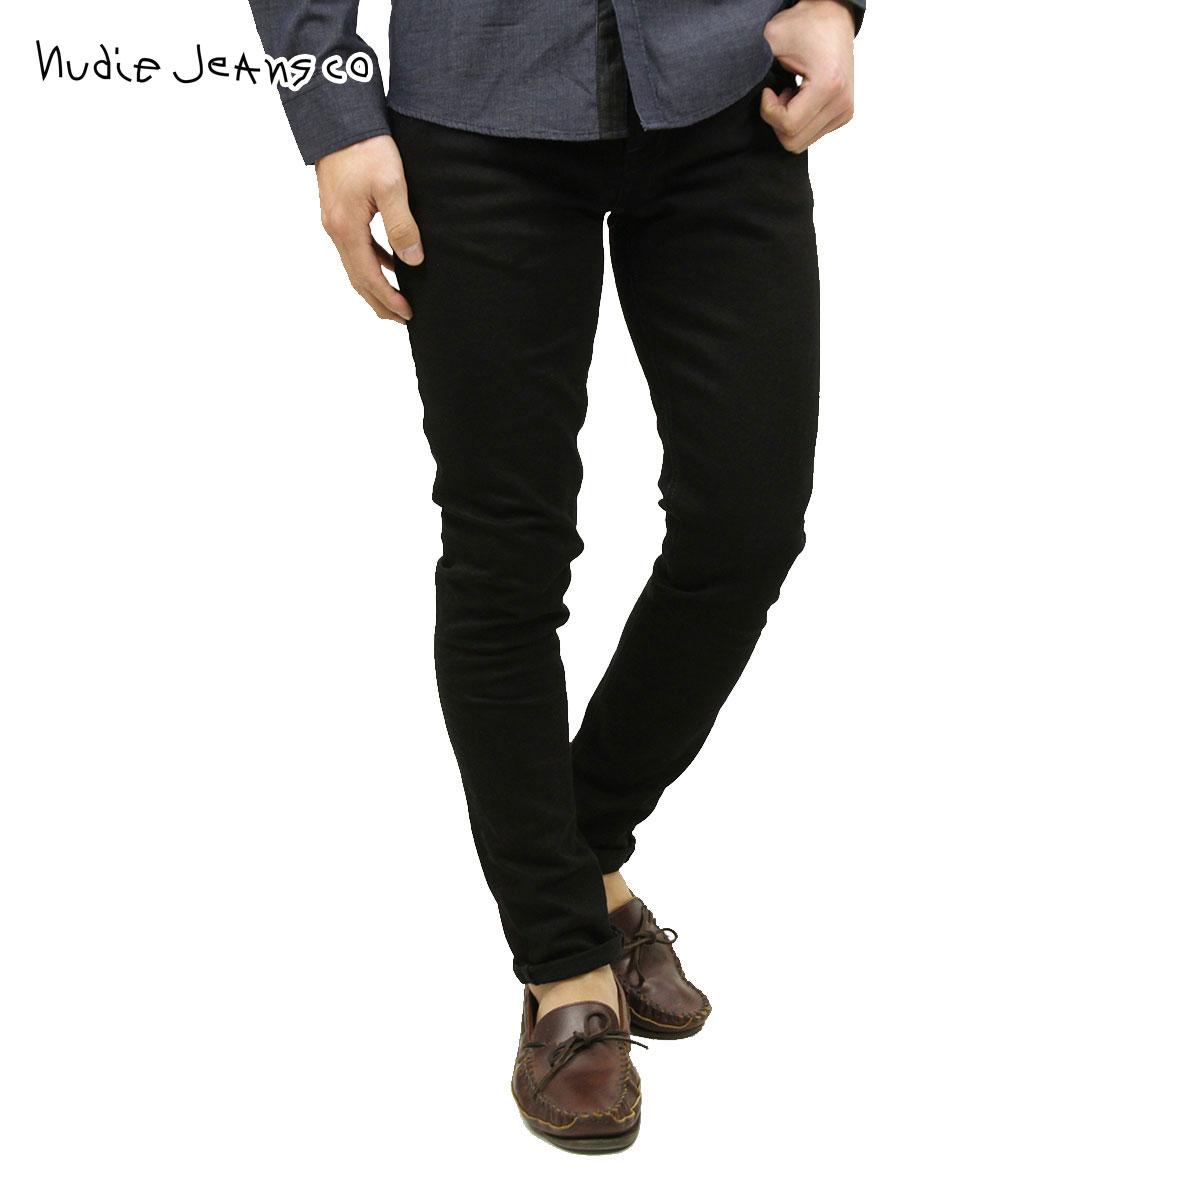 ヌーディージーンズ Nudie Jeans 正規販売店 メンズ ジーンズ Skinny Lin 992 Black Black 111539 D00S20